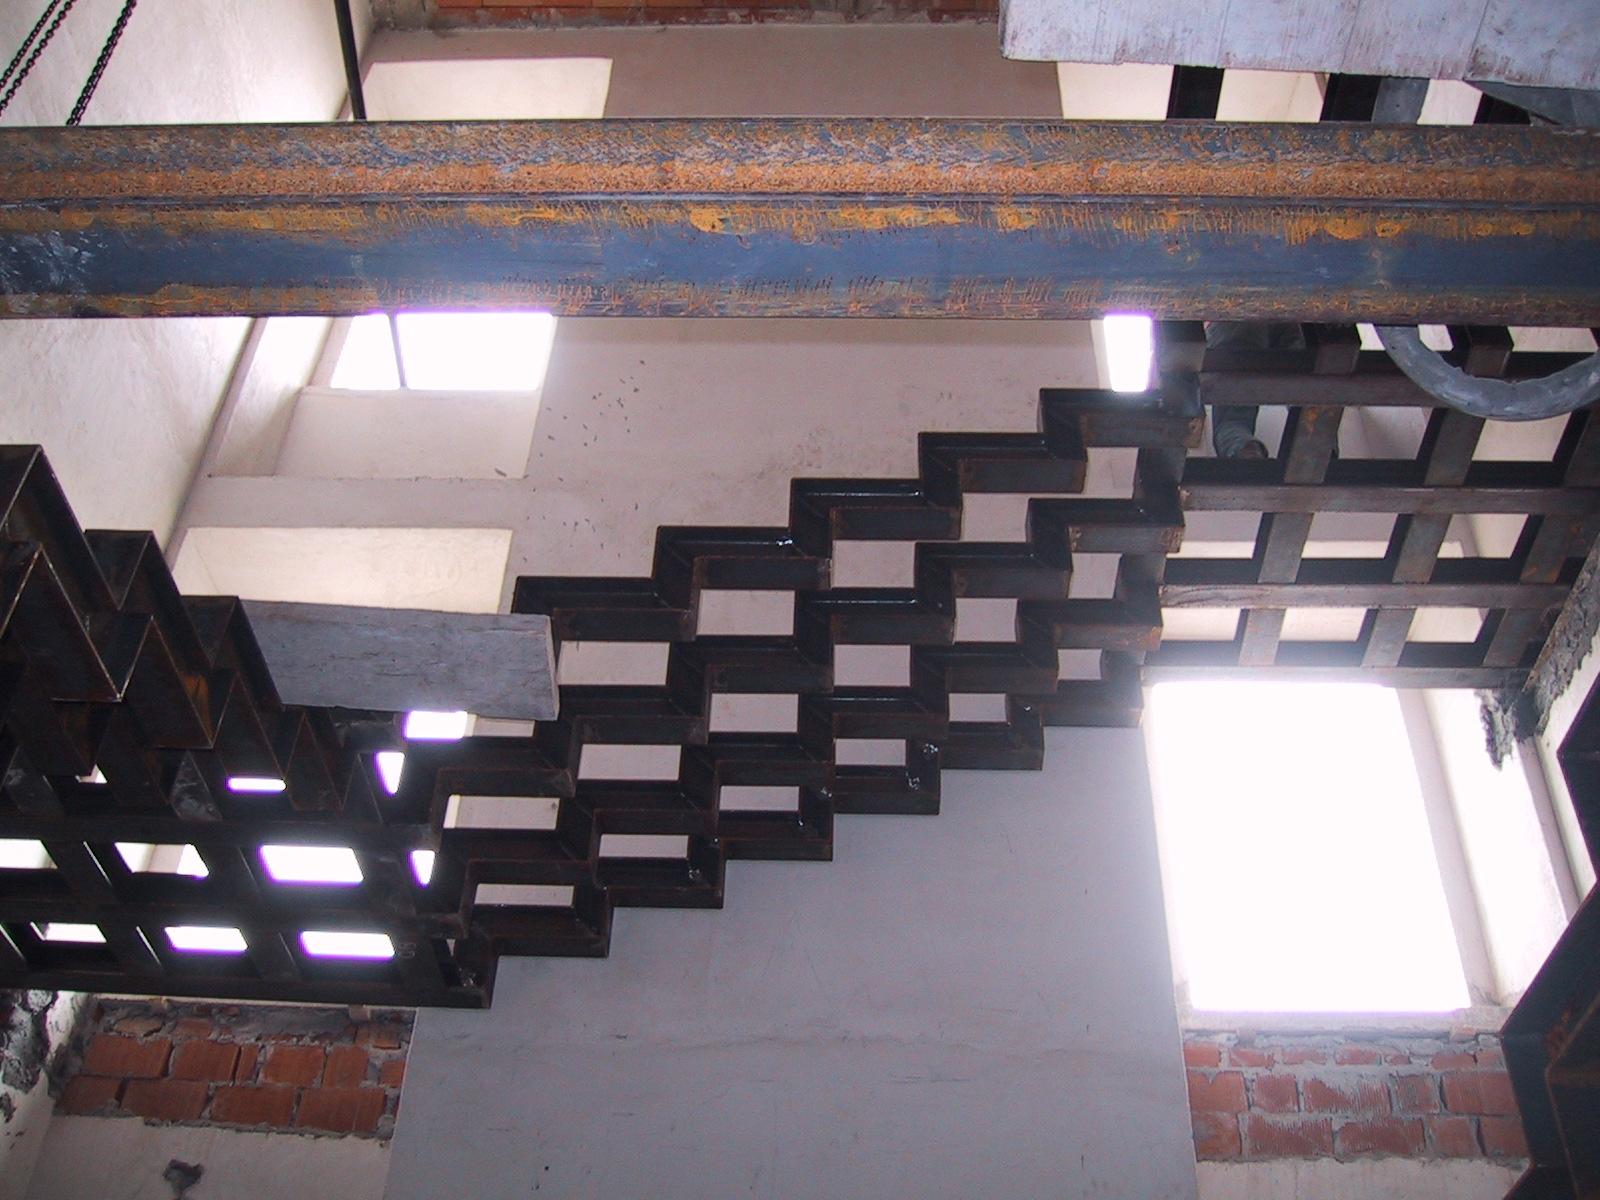 Mediateca (1)